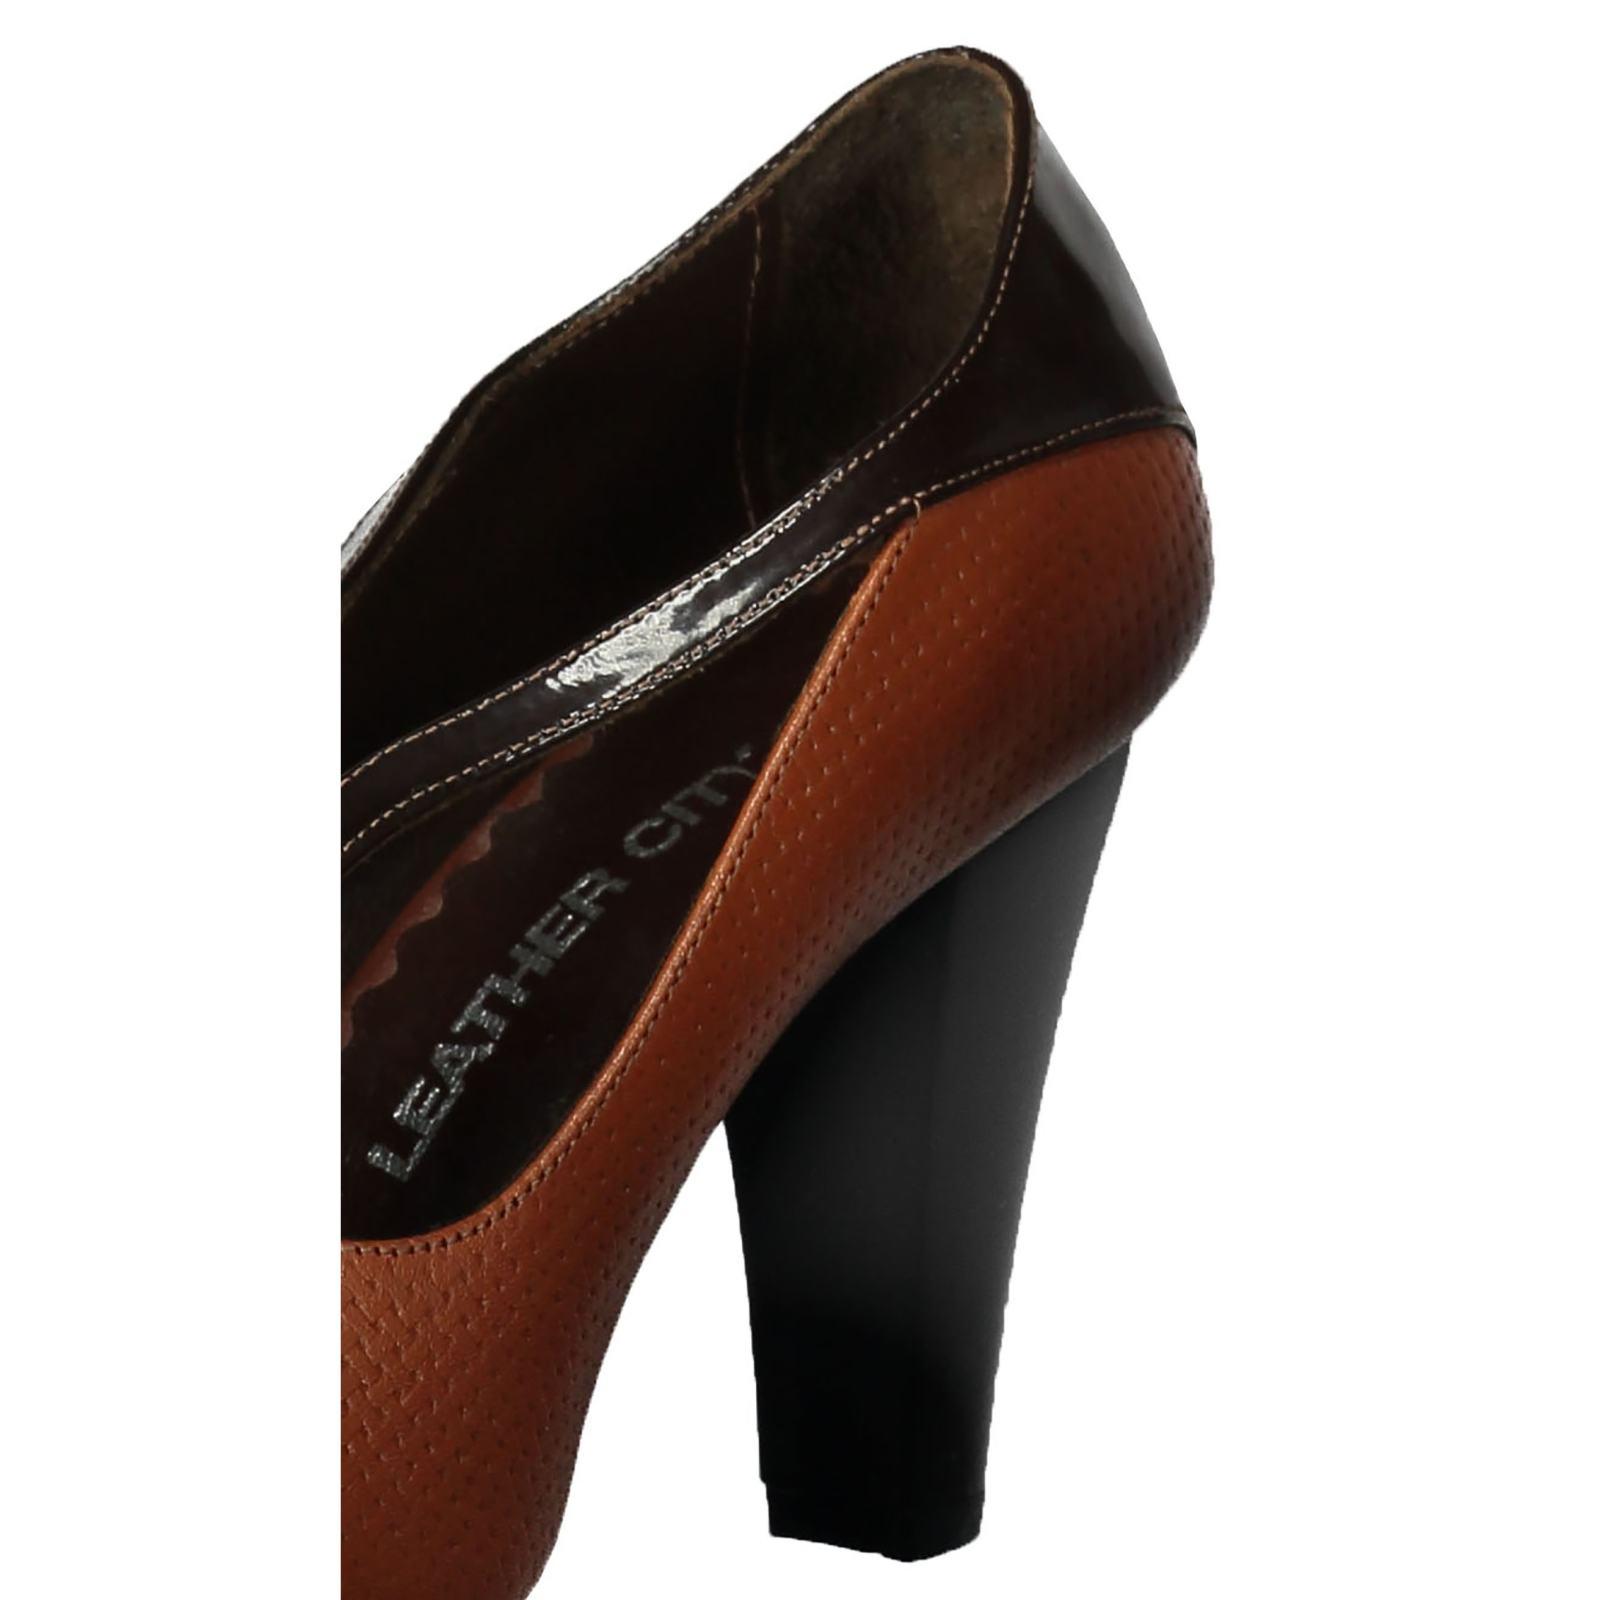 کفش پاشنه بلند چرم زنانه - شهر چرم - قهوه ای و عسلی - 5